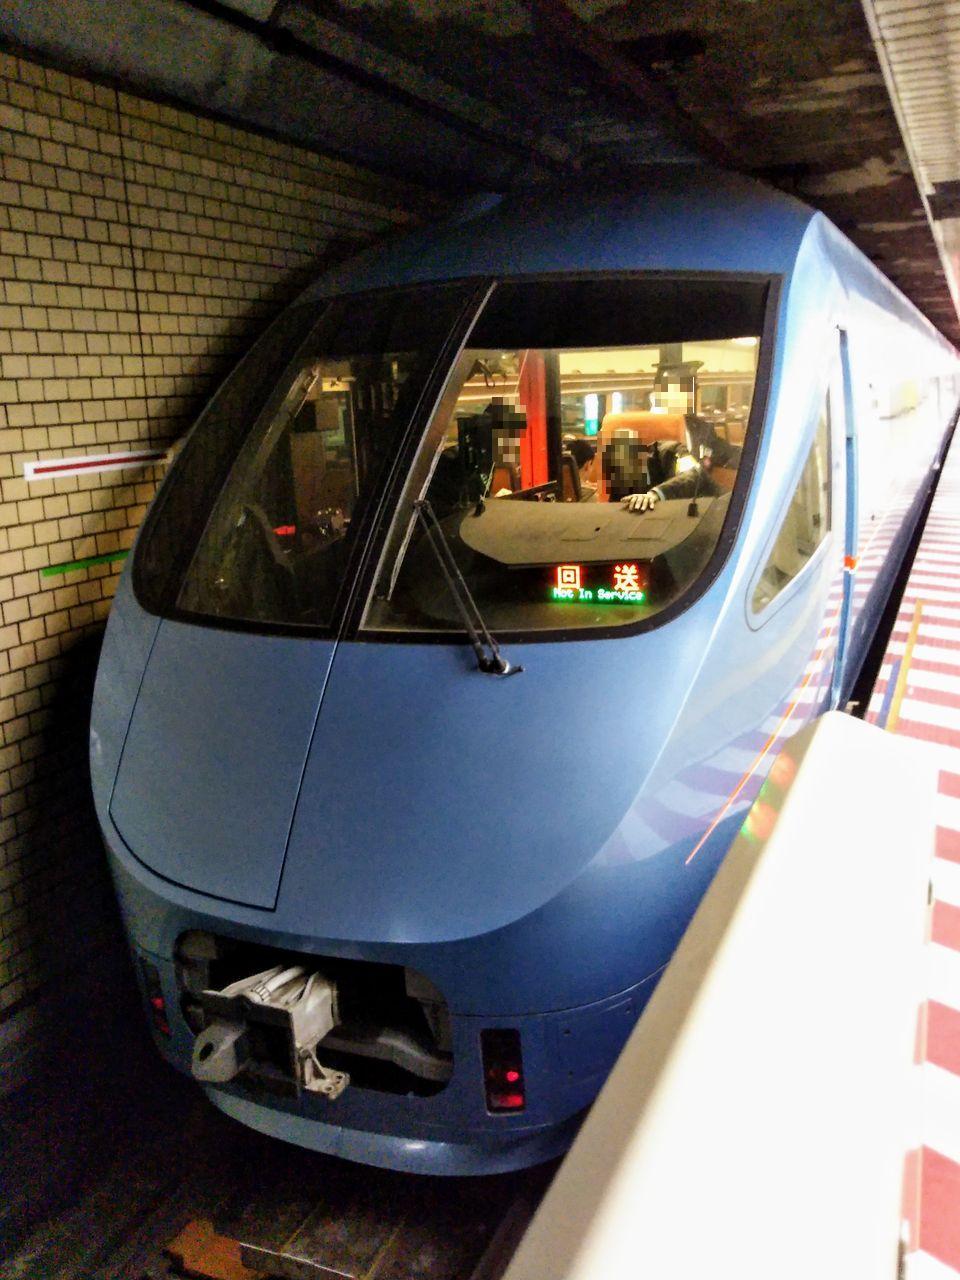 13番まどぐち:小田急電鉄 メトロ...